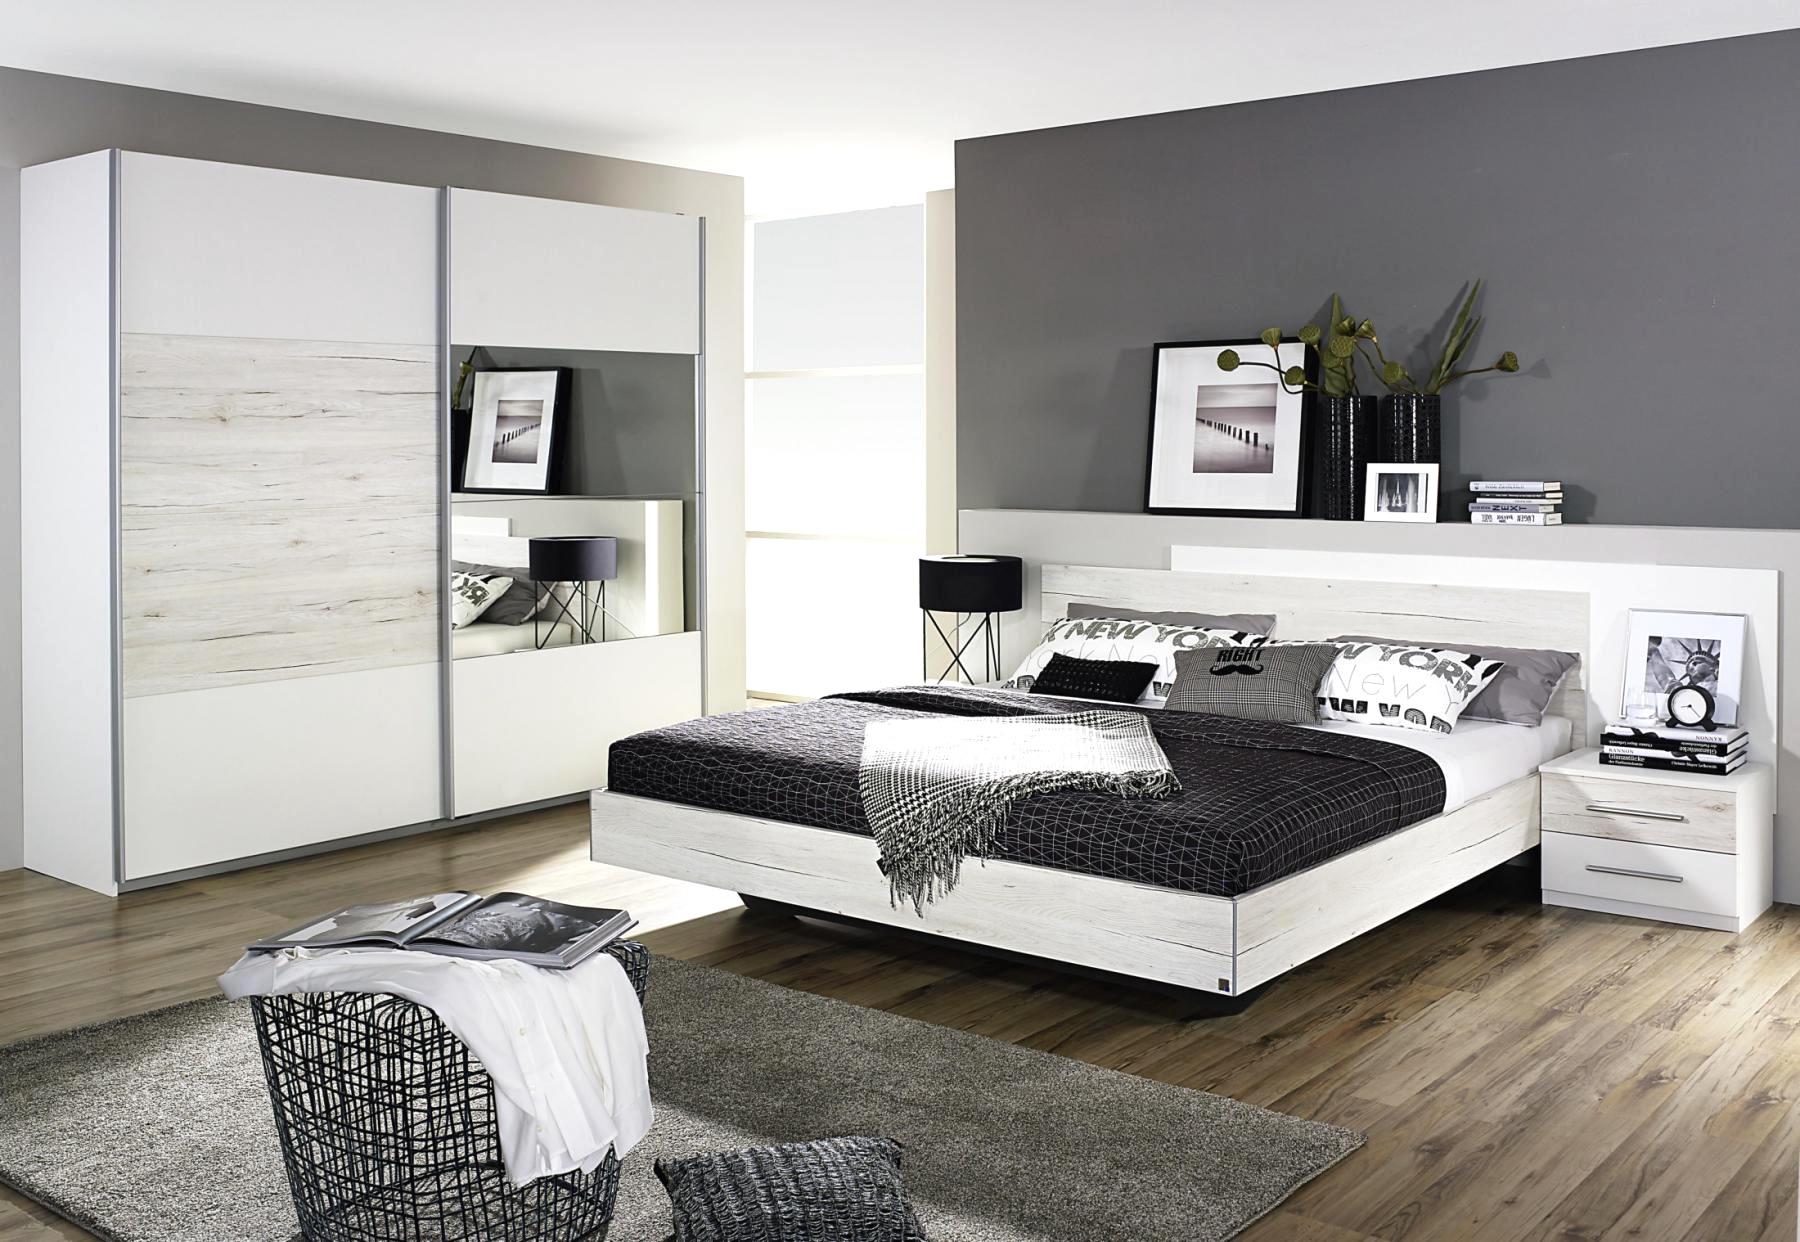 Schlafzimmer Modern Grau | Schlafzimmer Farblich Gestalten Schön ...